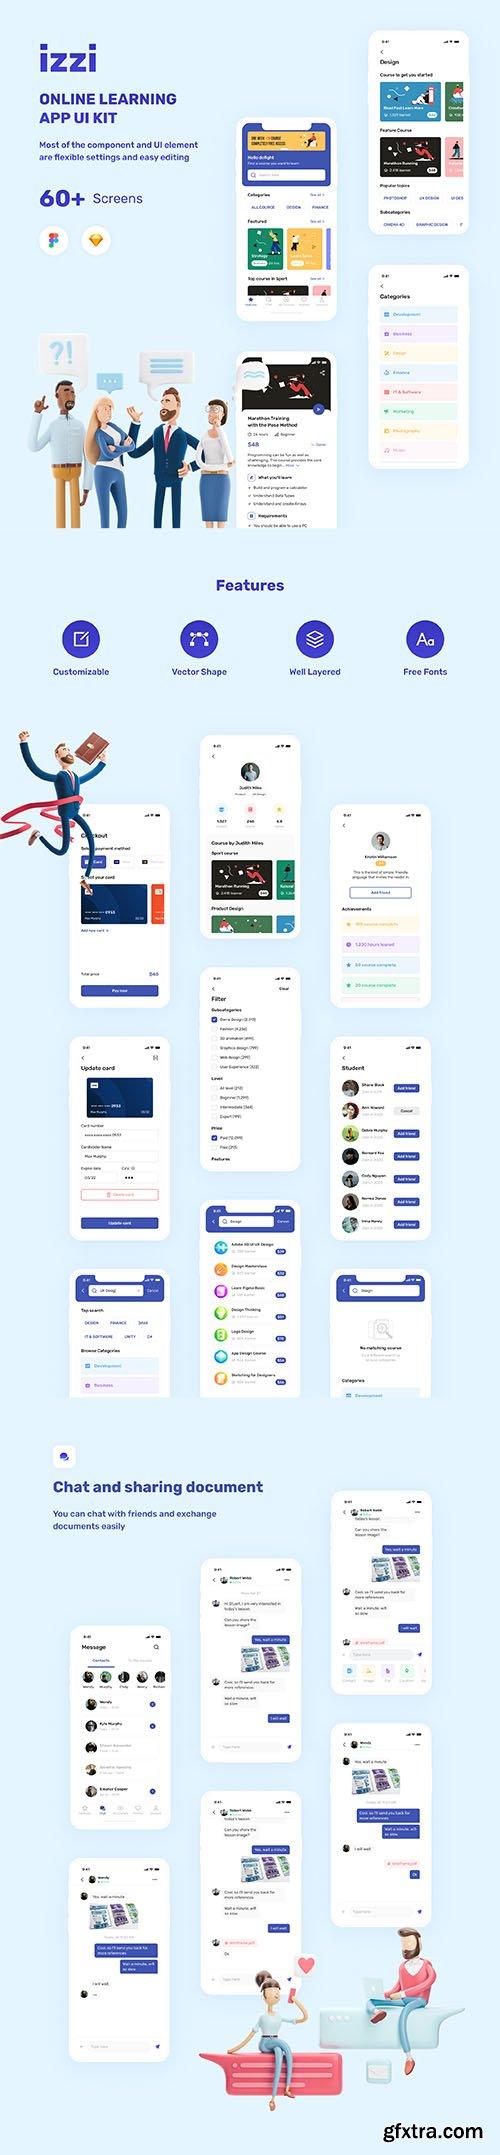 izzi - Online Learning App UI Kit